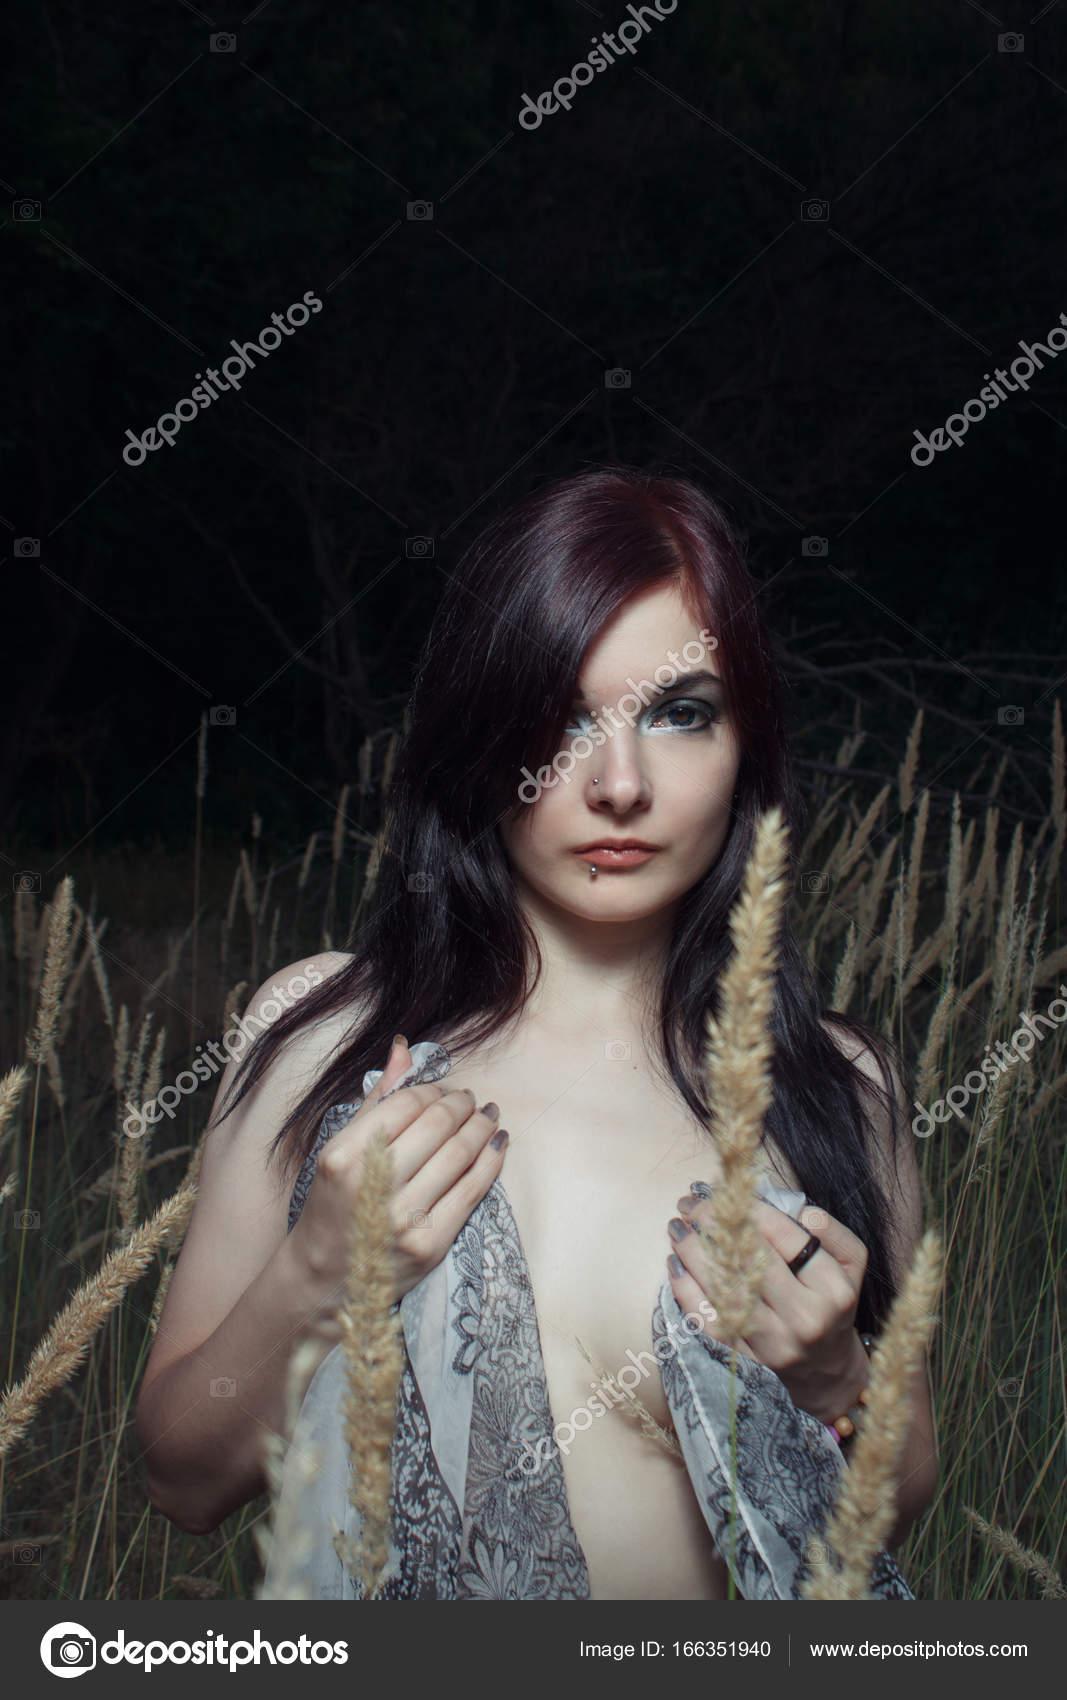 Κατάμαυρος/η έφηβοι γυμνές εικόνες